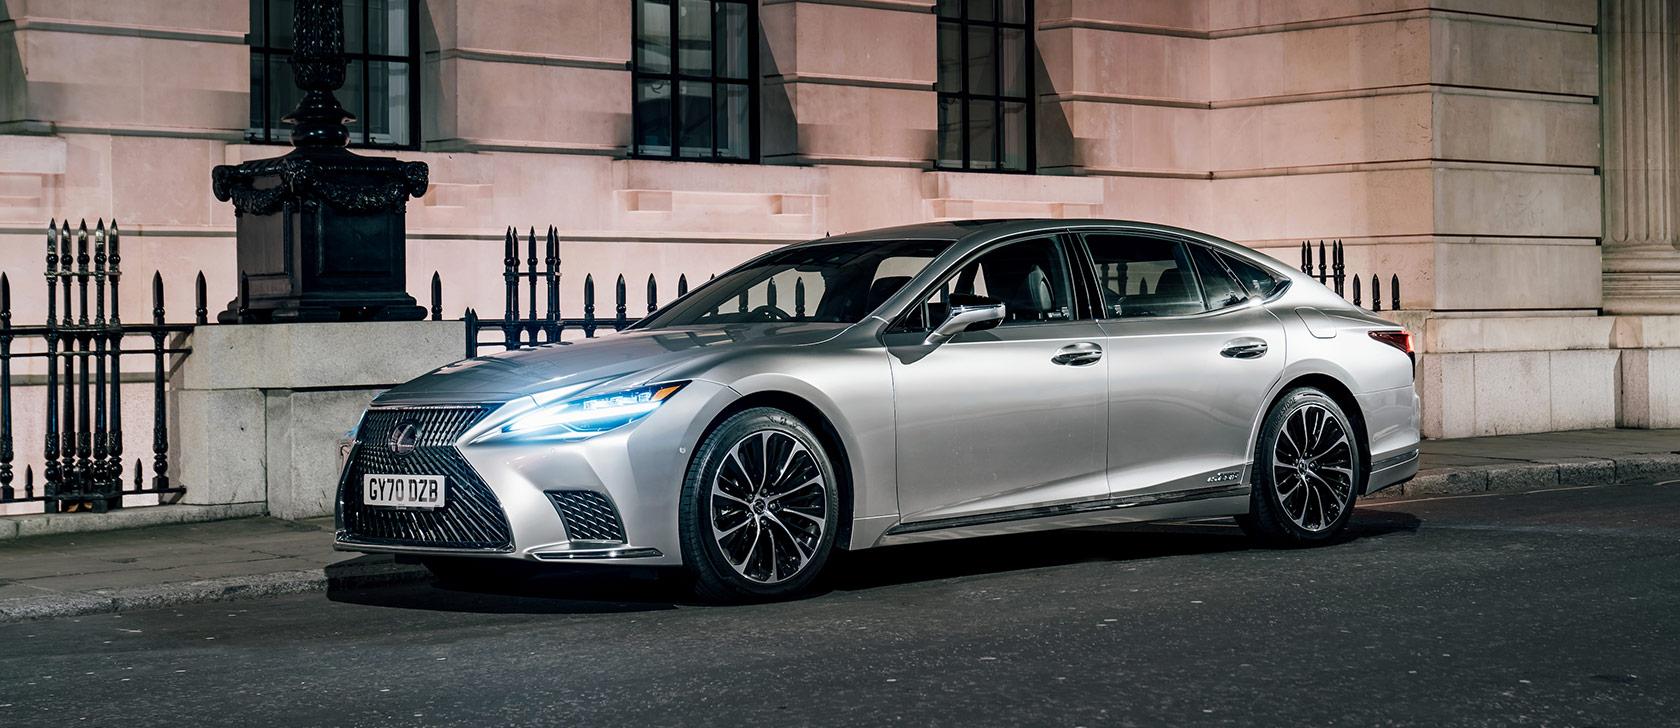 2021 013 Lexus streeft naar de perfecte lak 1920 img3